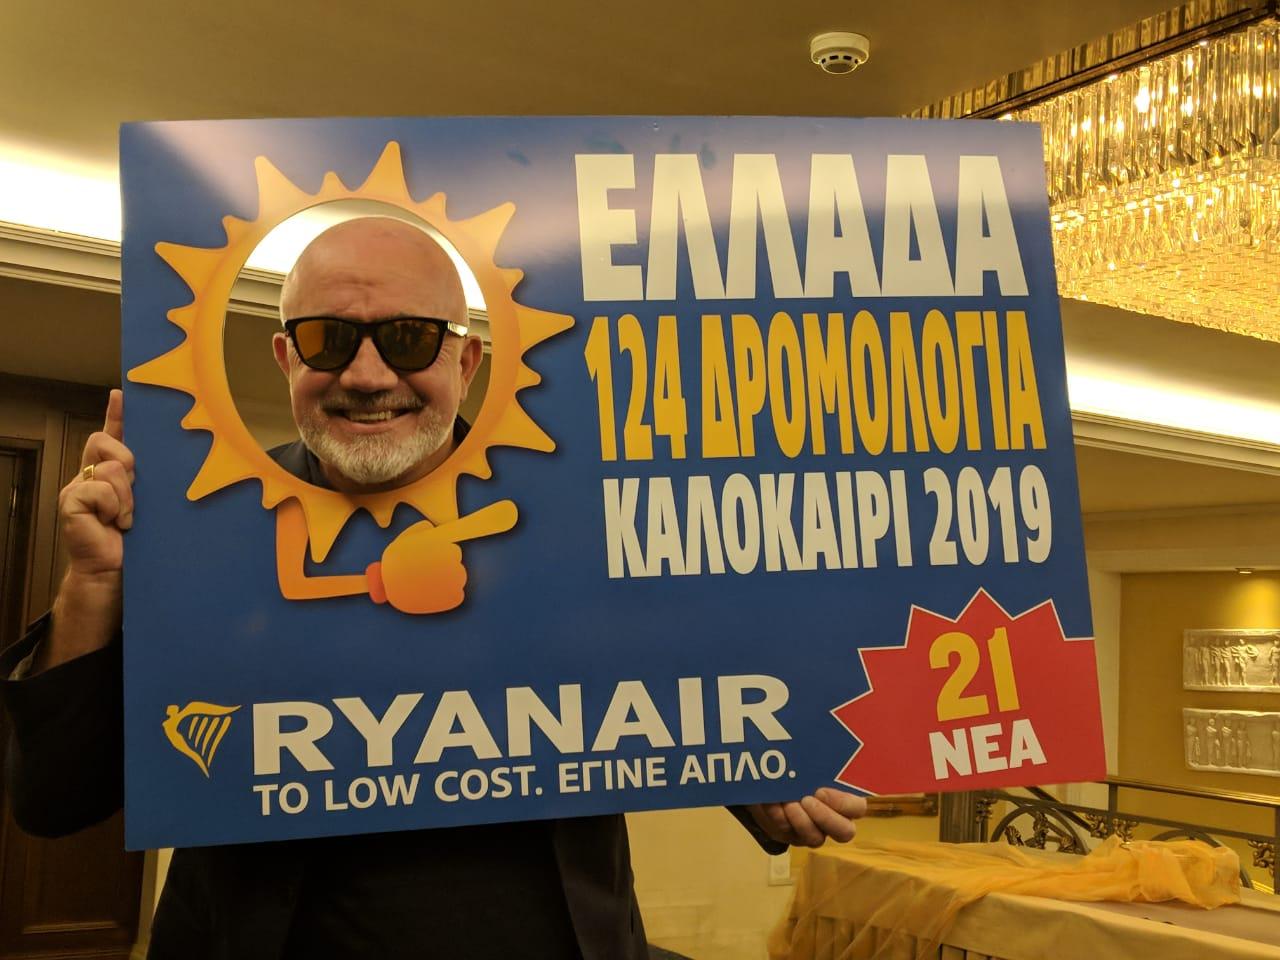 Η Ryanair ανακοίνωσε 124 δρομολόγια στην Ελλάδα για το καλοκαίρι 2019